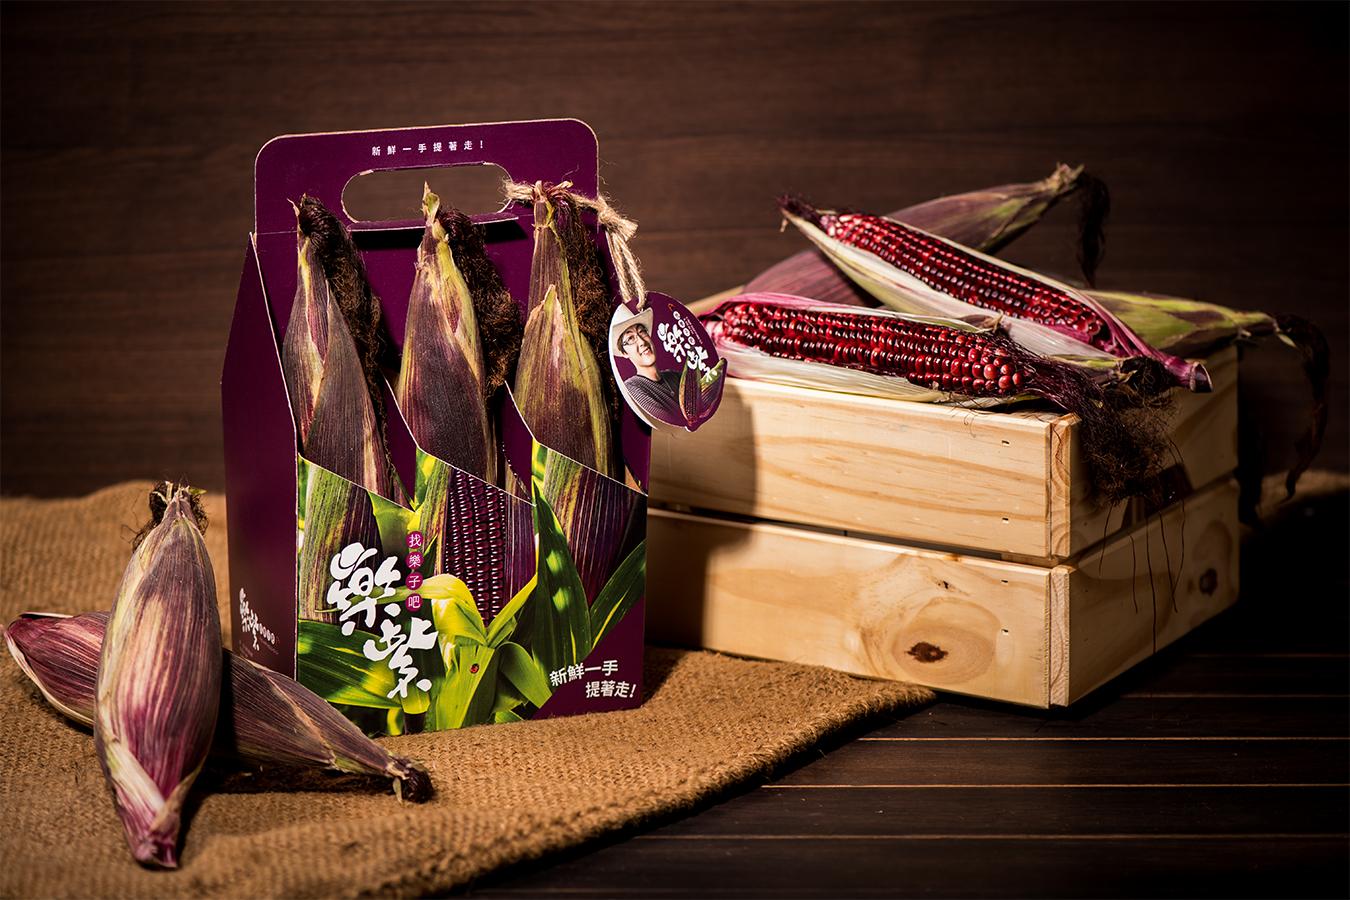 找樂子吧!創造玉米行銷新話題 ─ 樂紫